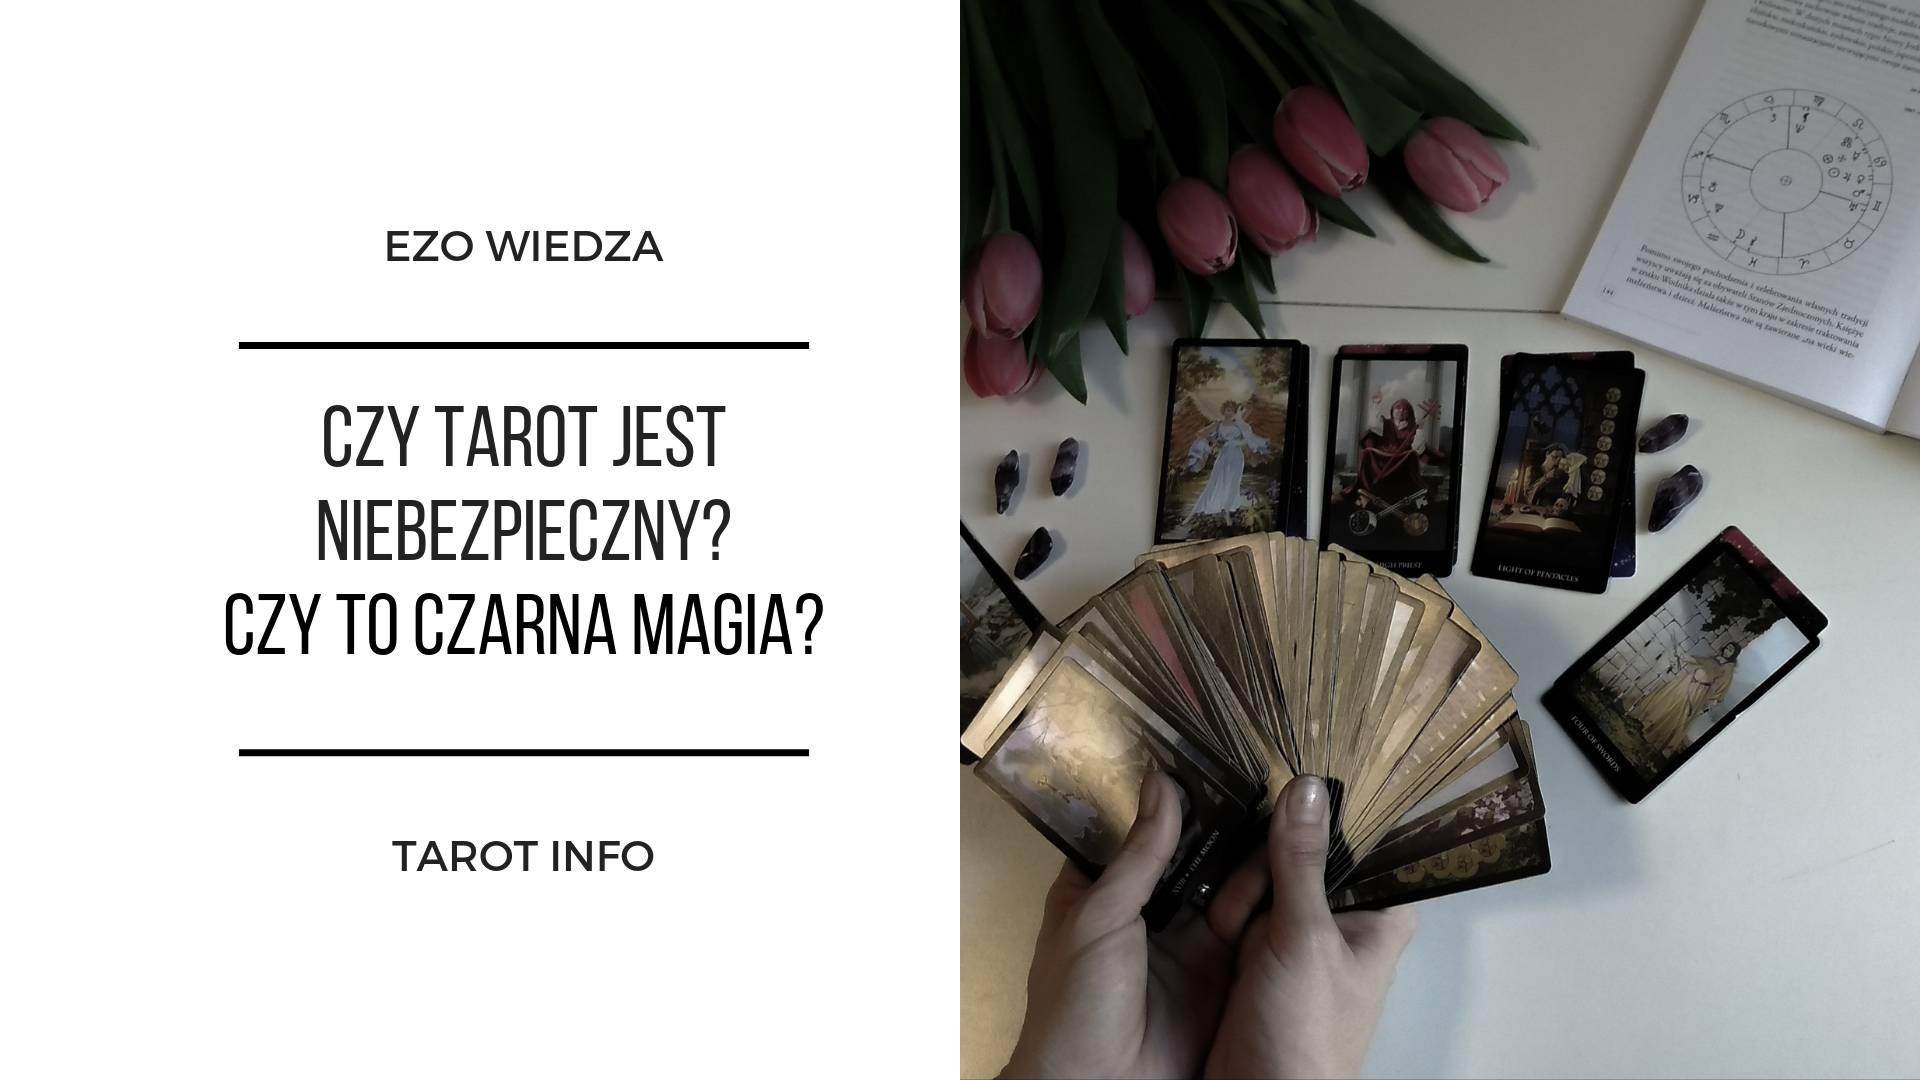 Czy Tarot jest niebezpieczny i czy to czarna magia? 2